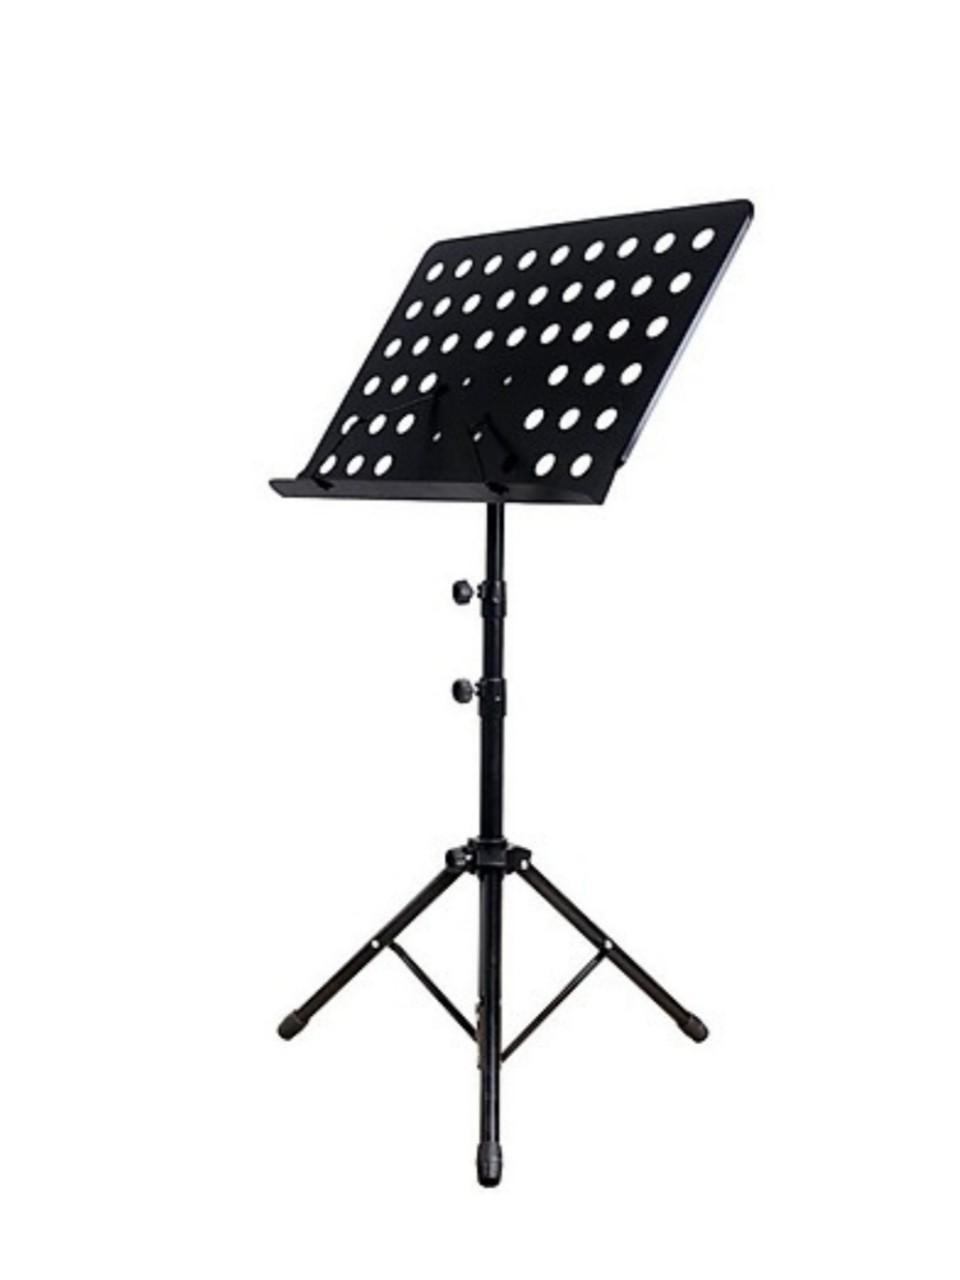 Giá đỡ bản nhạc - Giá 250k